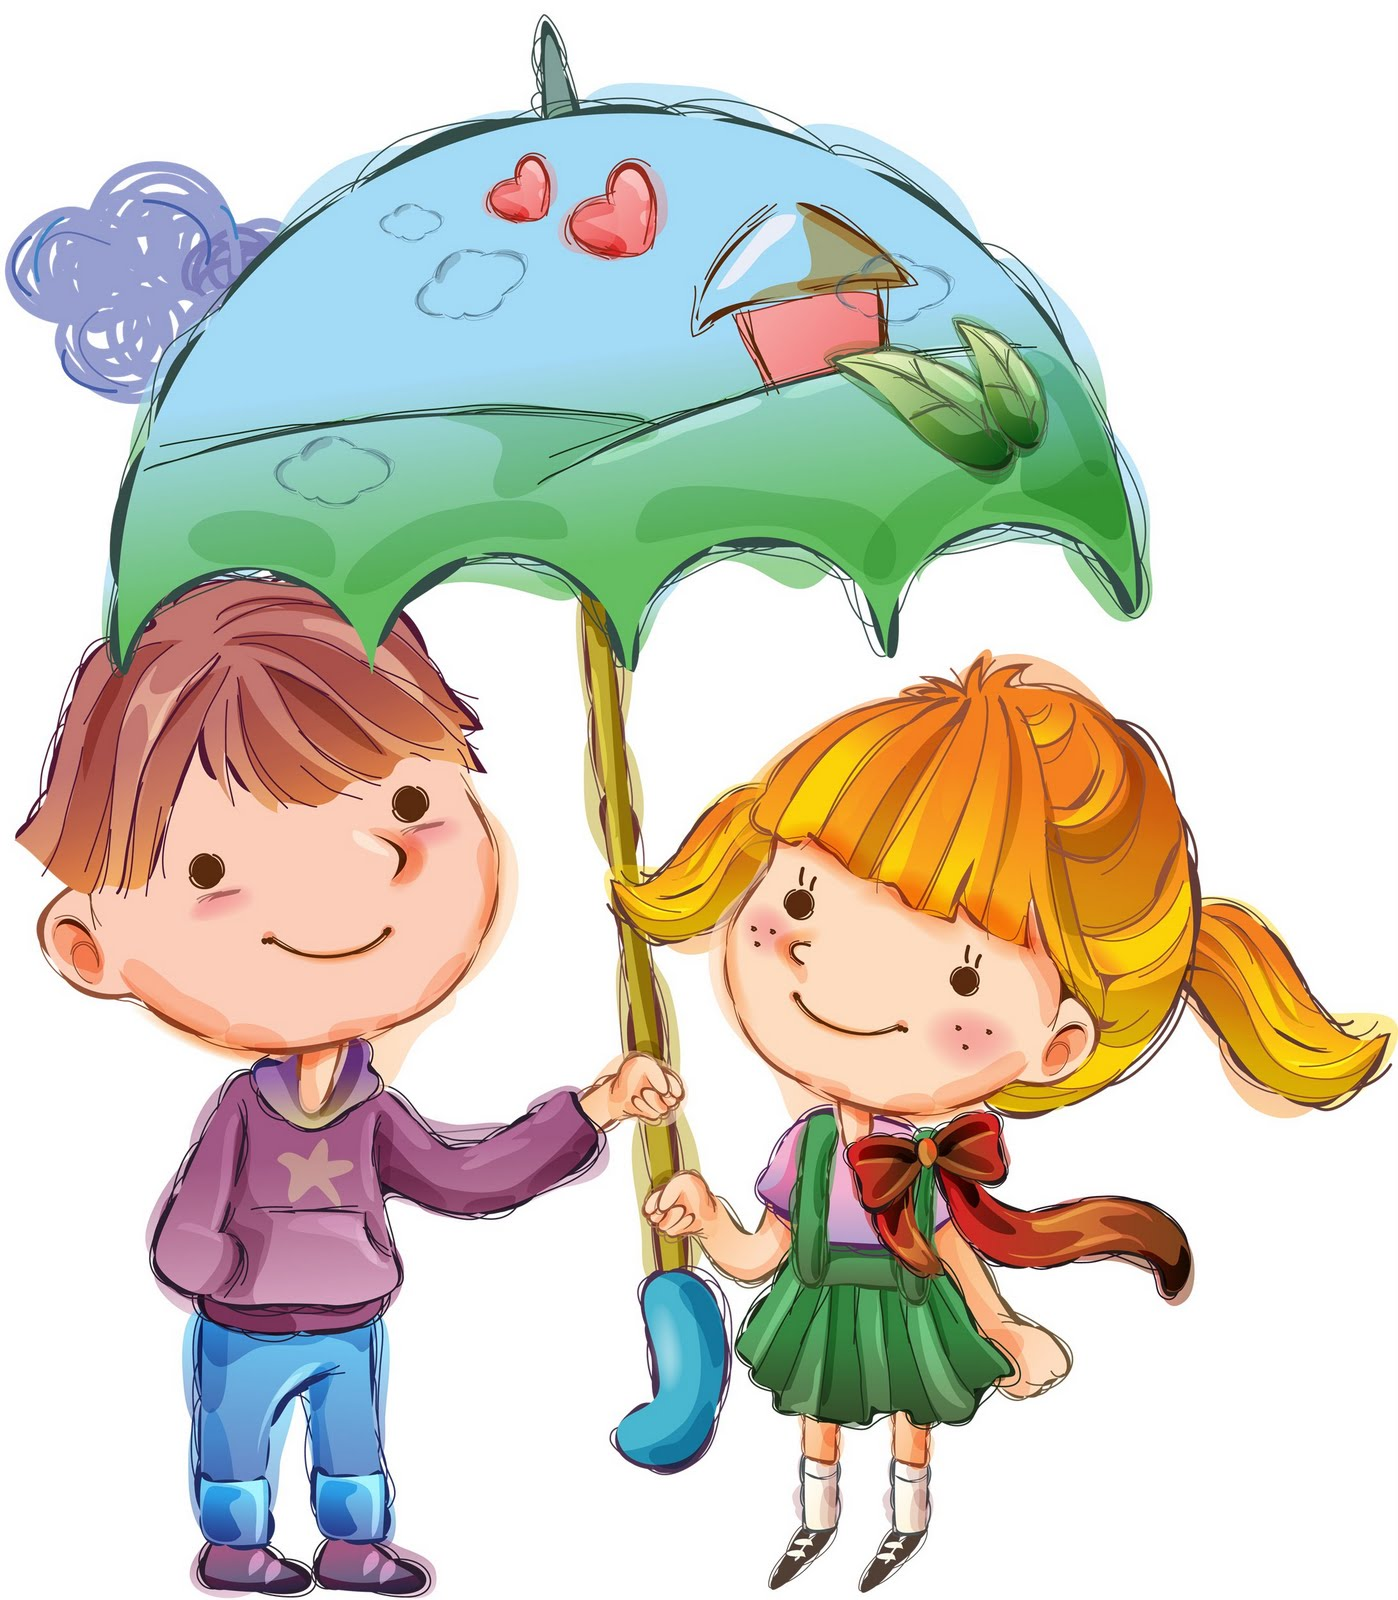 Dibujos a color ♥: ♥ Dibujos de niños San Valentin ♥